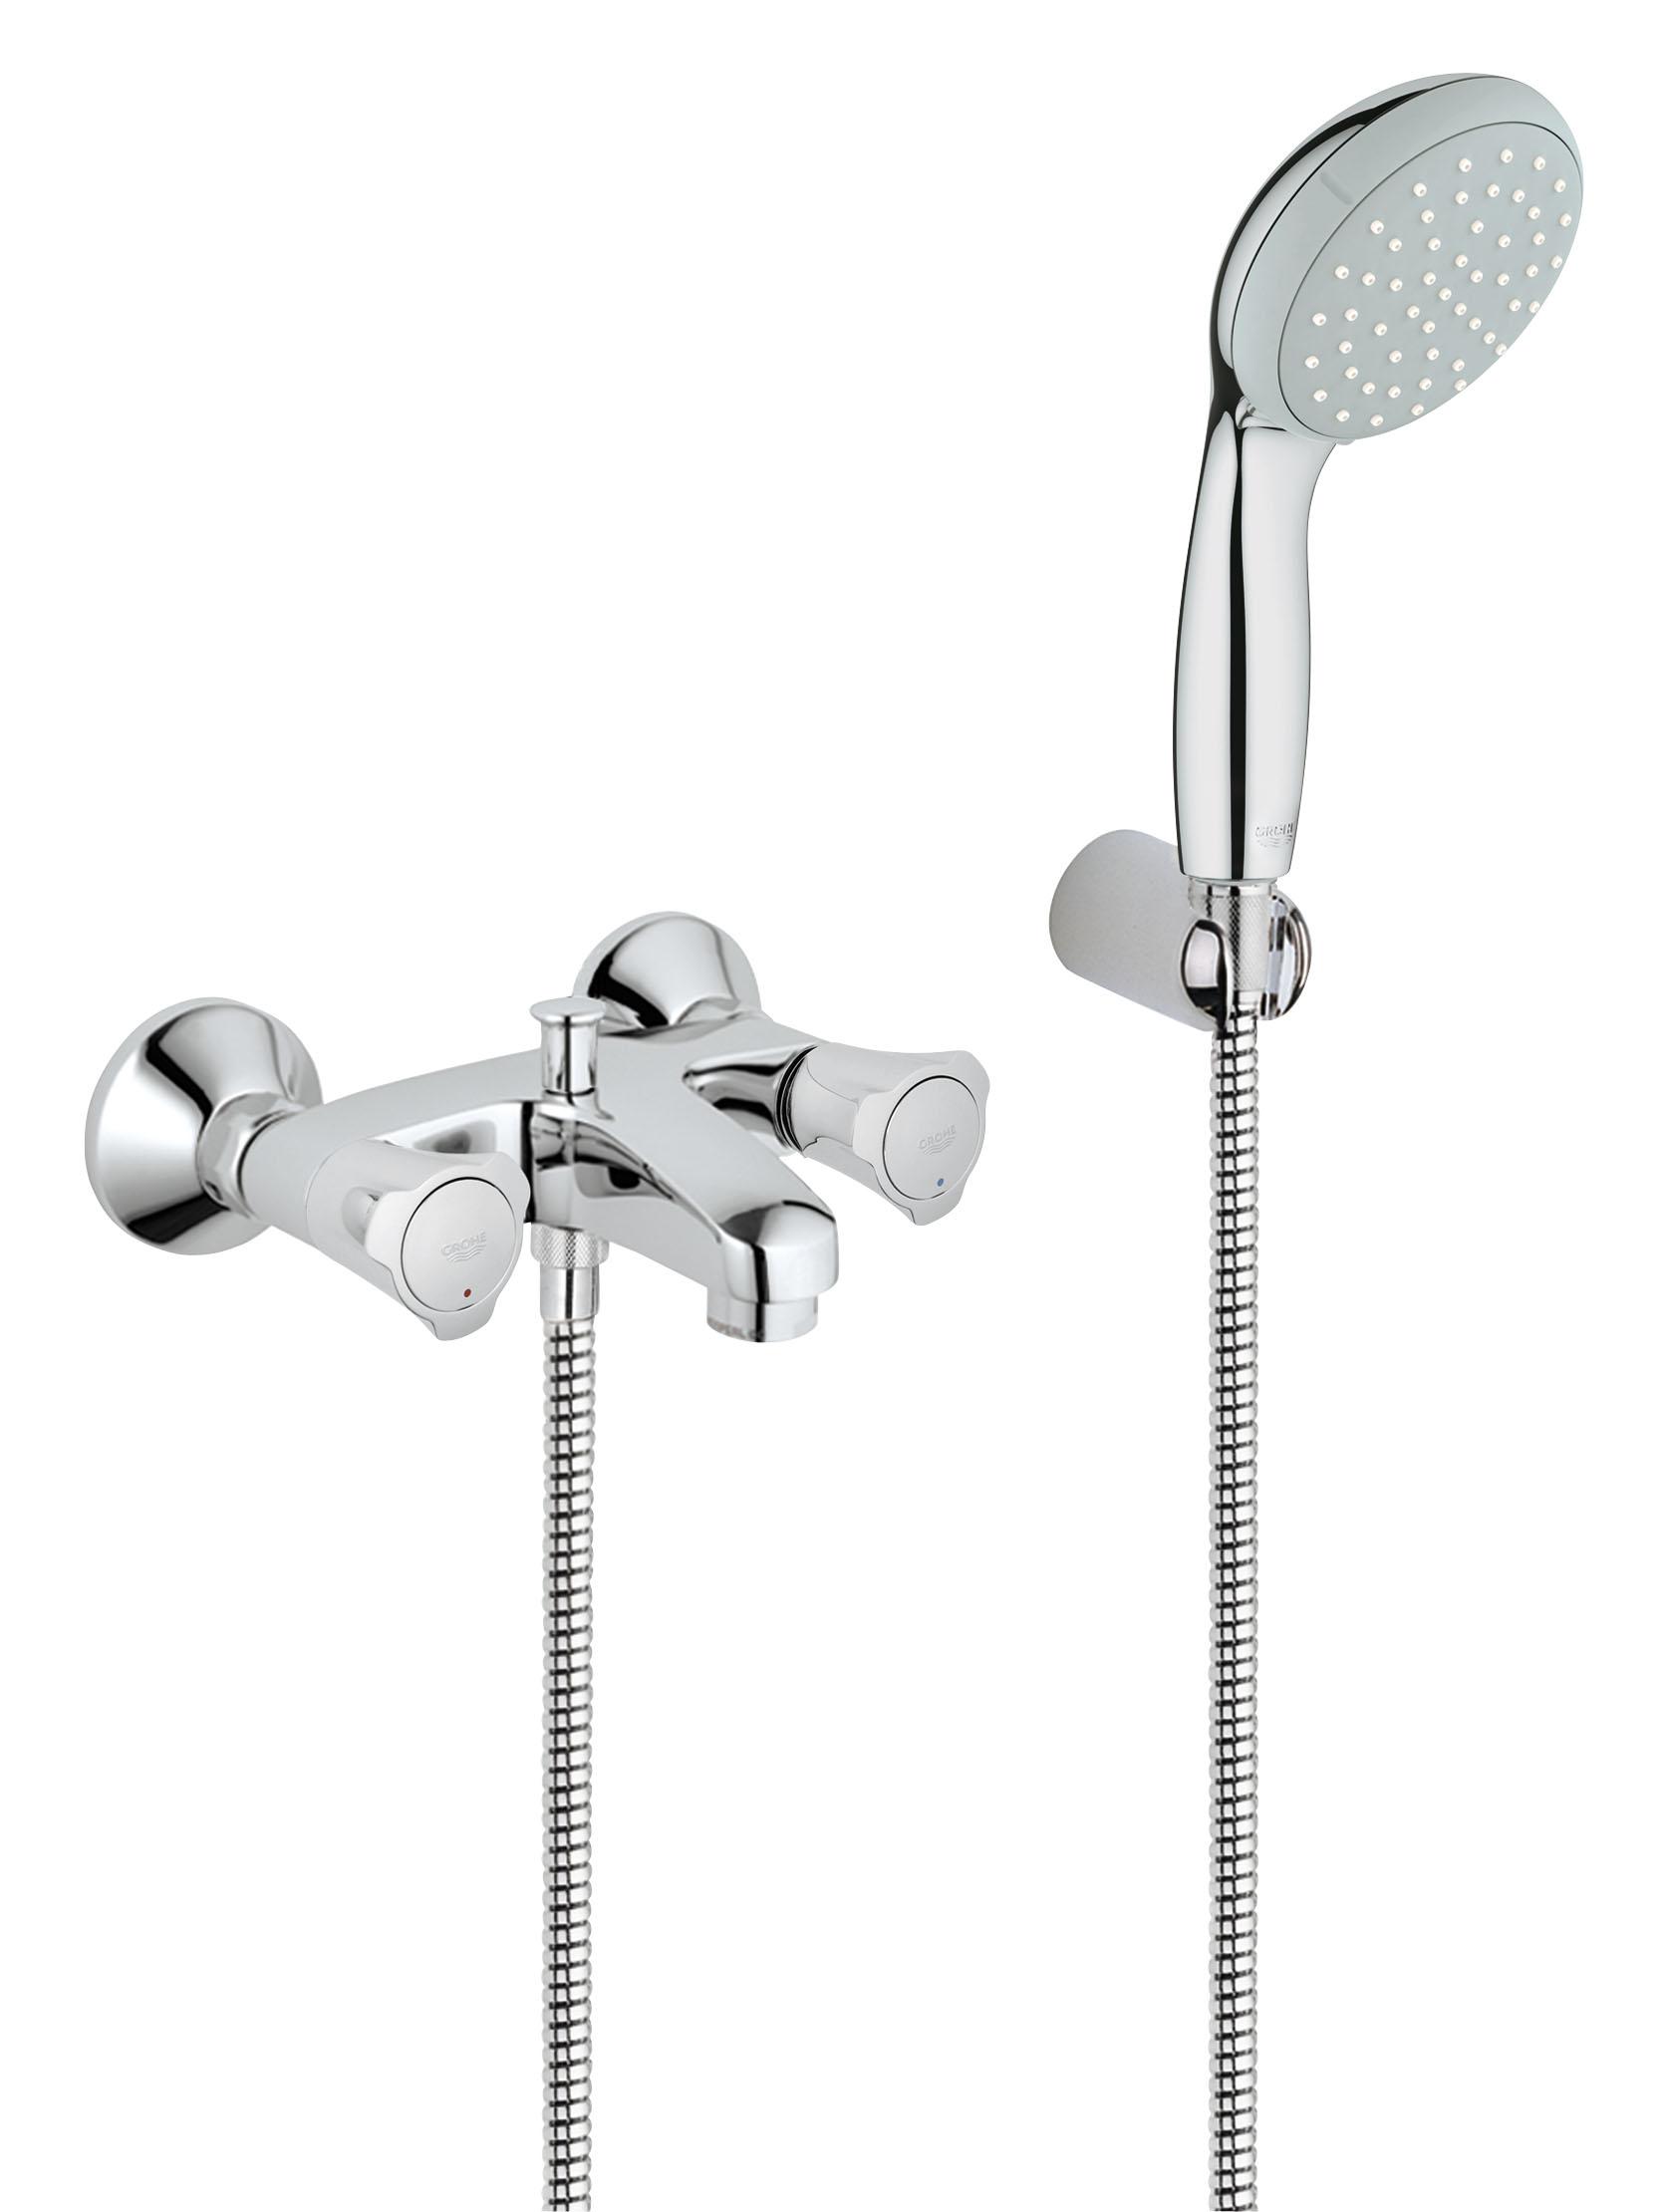 Смеситель для ванны GROHE Costa L с душевым набором (25460001)68/5/3Настенный монтаж Металлические рукоятки С теплоизоляцией Привинчивающаяся Вентиль Longlife с резиновым уплотнением Автоматический переключатель: ванна/душ Аэратор Скрытые S-образные эксцентрики С душевым гарнитуром Включает в себя: Ручной душ New Tempesta 100, один вид струи, 9,5 l/мин (27 923 000) Настенный держатель ручного душа (28 605 000) Душевой шланг Relexaflex 1500 мм 1/2? x 1/2? (28 151 000) GROHE StarLight хромированная поверхность Видео по установке является исключительно информационным. Установка должна проводиться профессионалами!